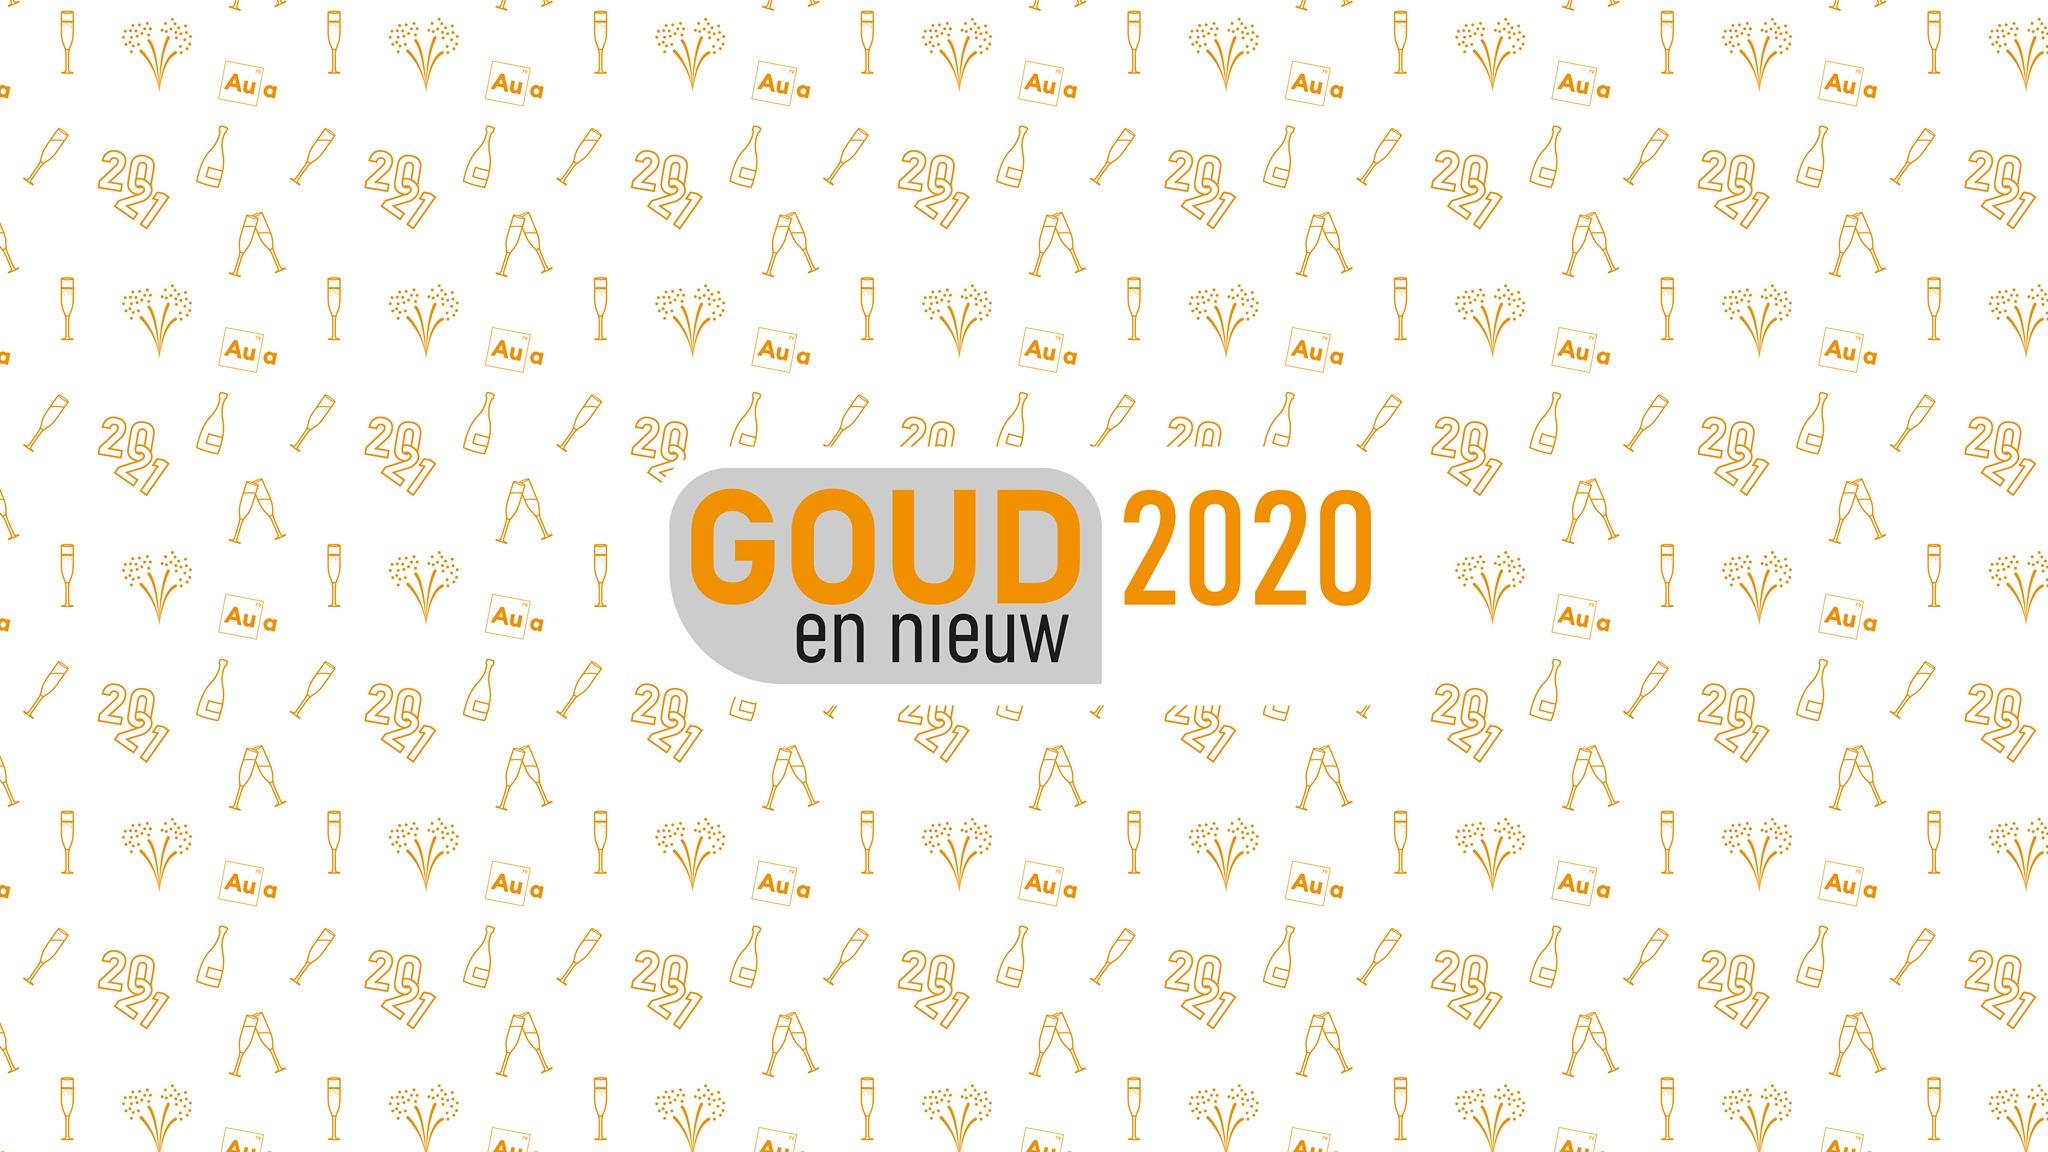 [LOKAAL] Gratis Goudse TV Show tijdens Oud & Nieuw met loterij, pubquiz, muziek en interviews